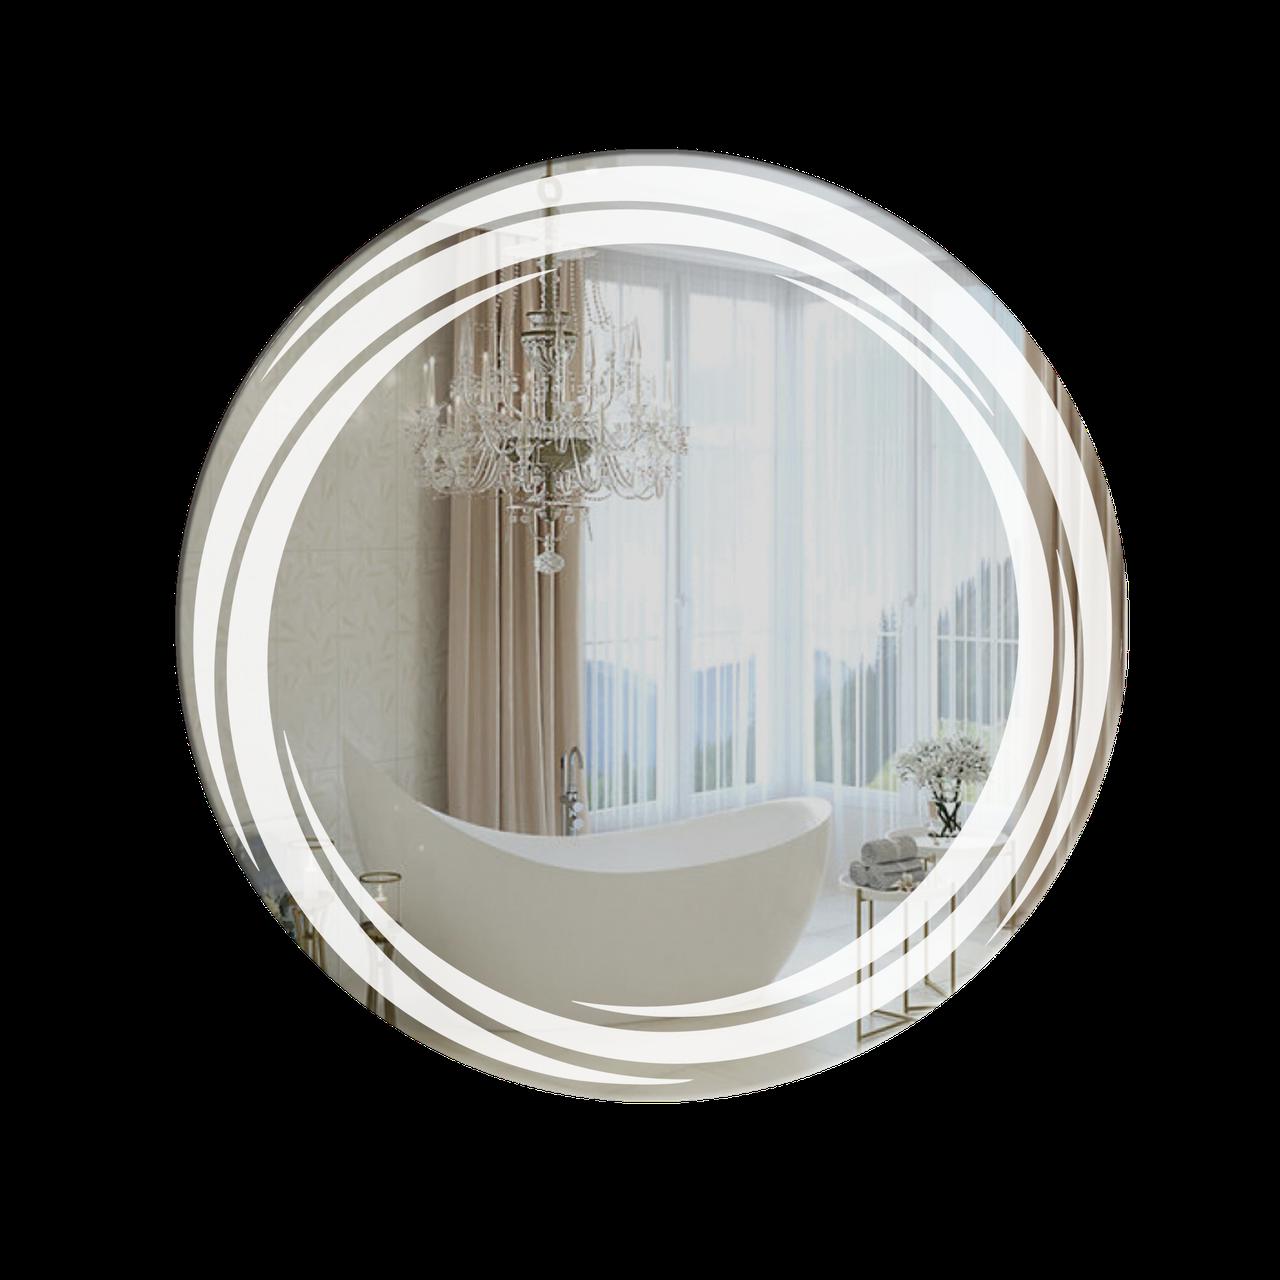 Зеркало для ванной комнаты 800х800 Ф300-108.